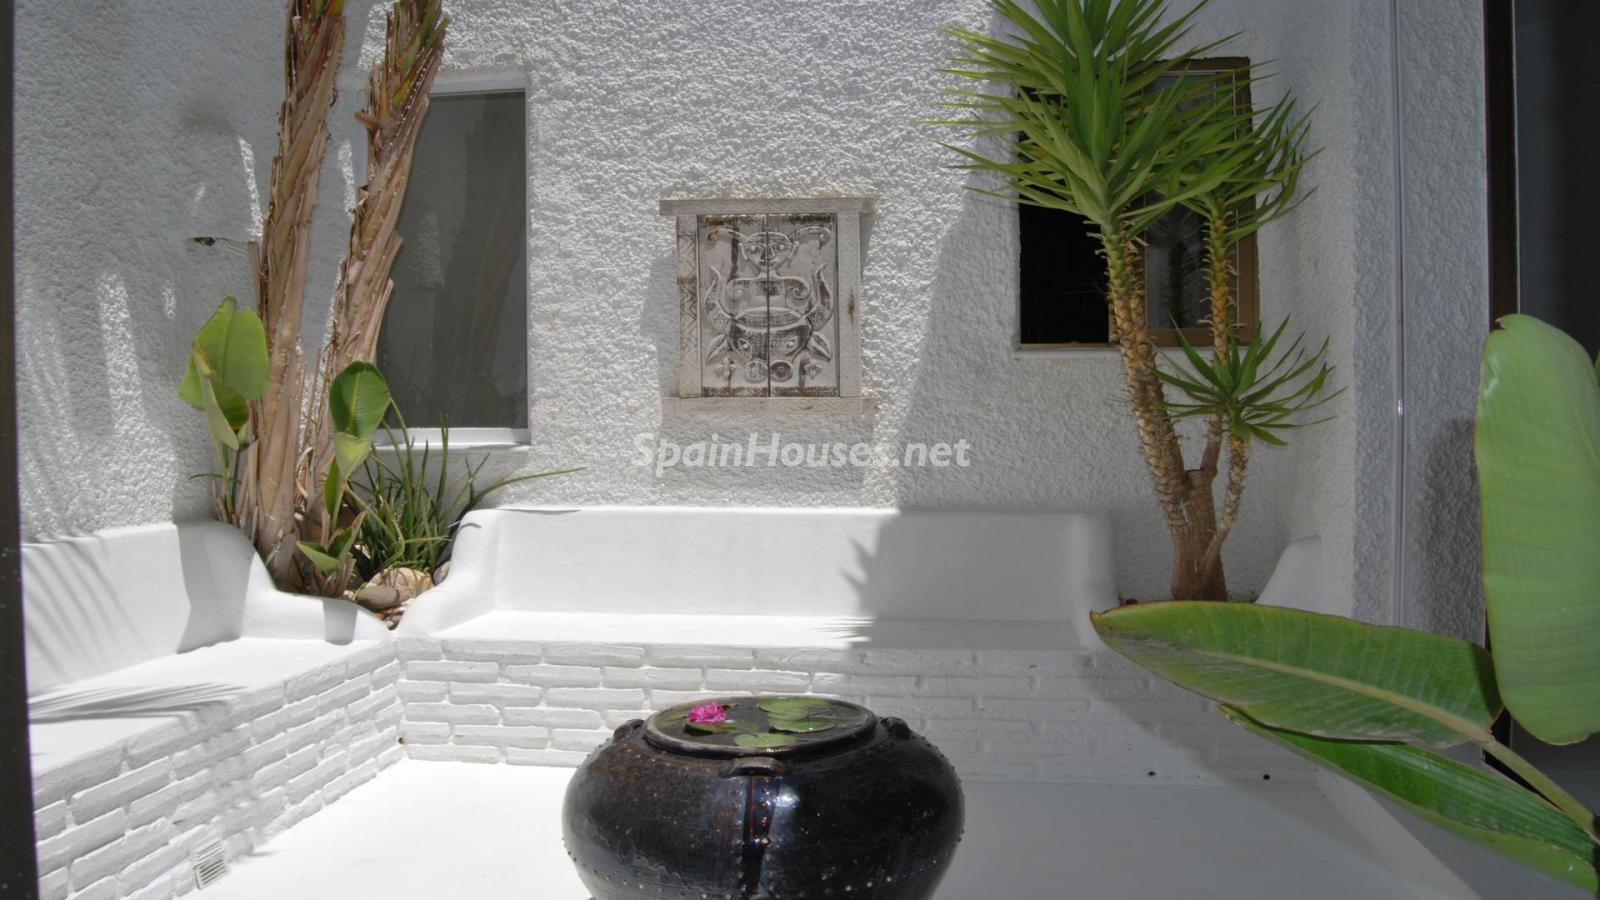 49335 2014903 foto 438682 - Exotic villa in Salobreña, Granada